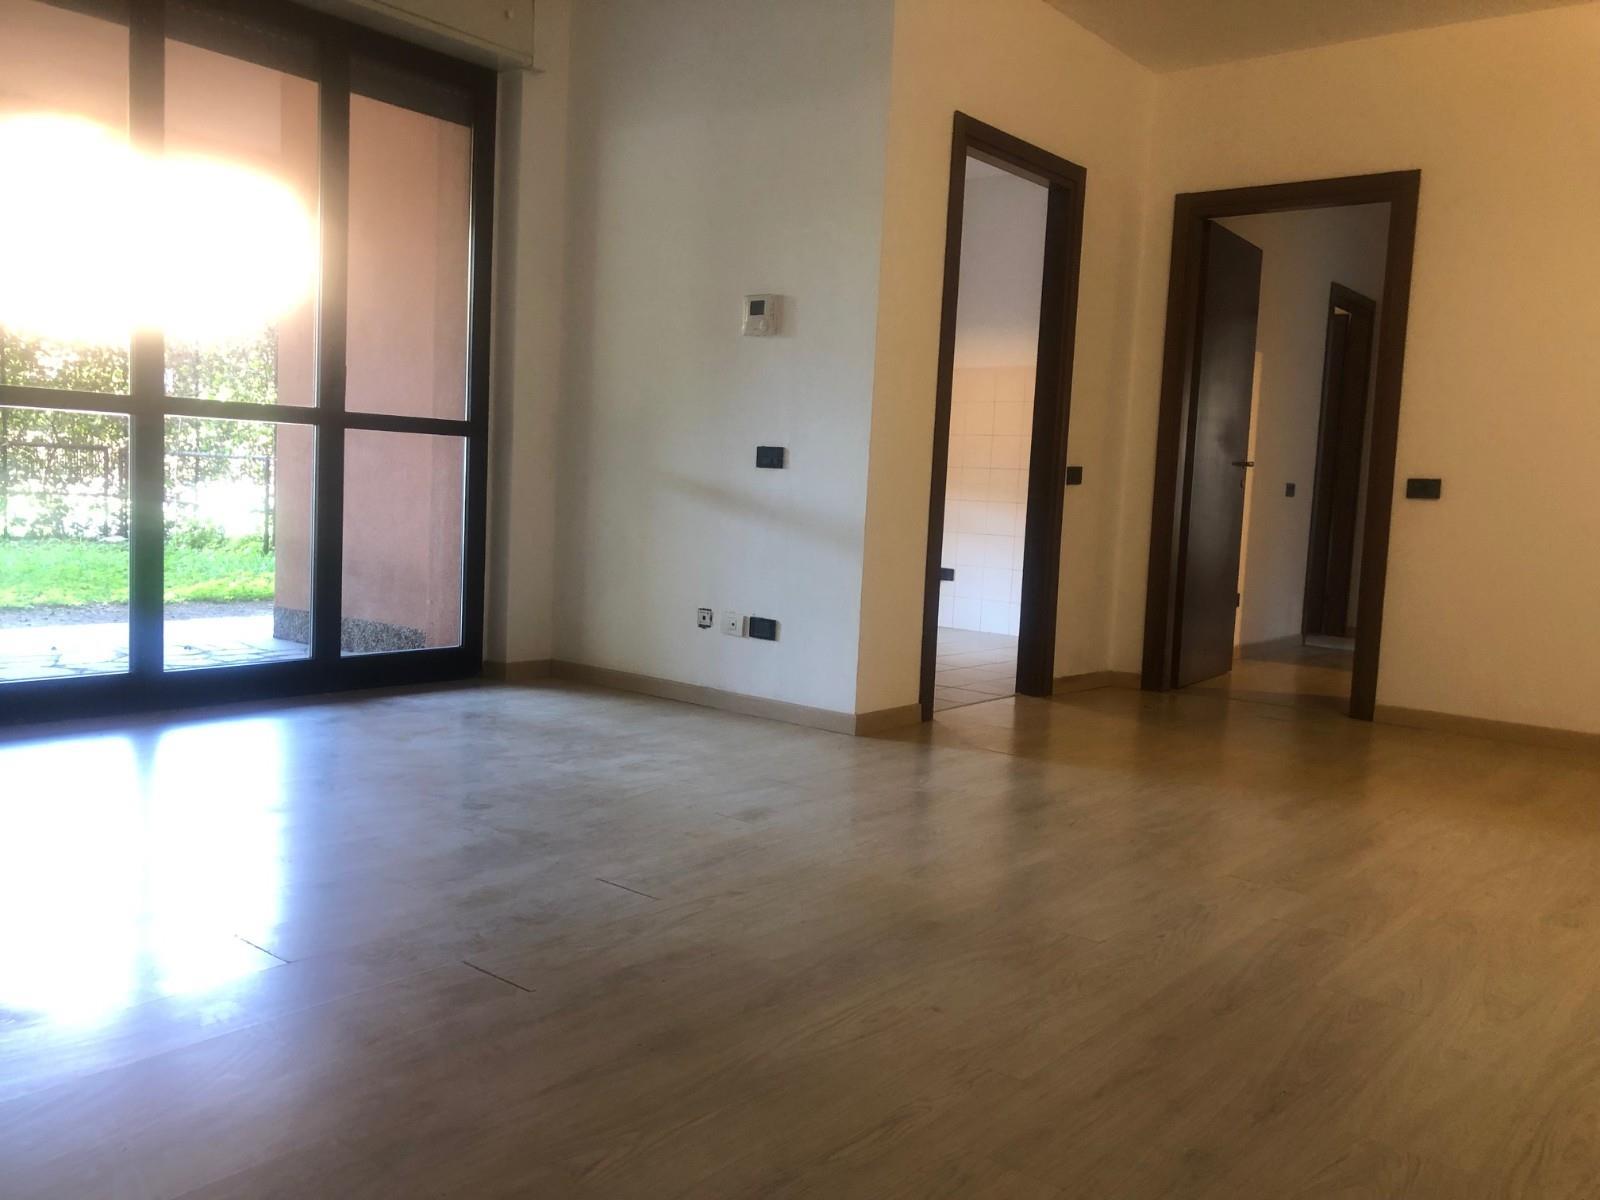 Foto 2 - Appartamento in Vendita - Lissone, Frazione Santa Margherita